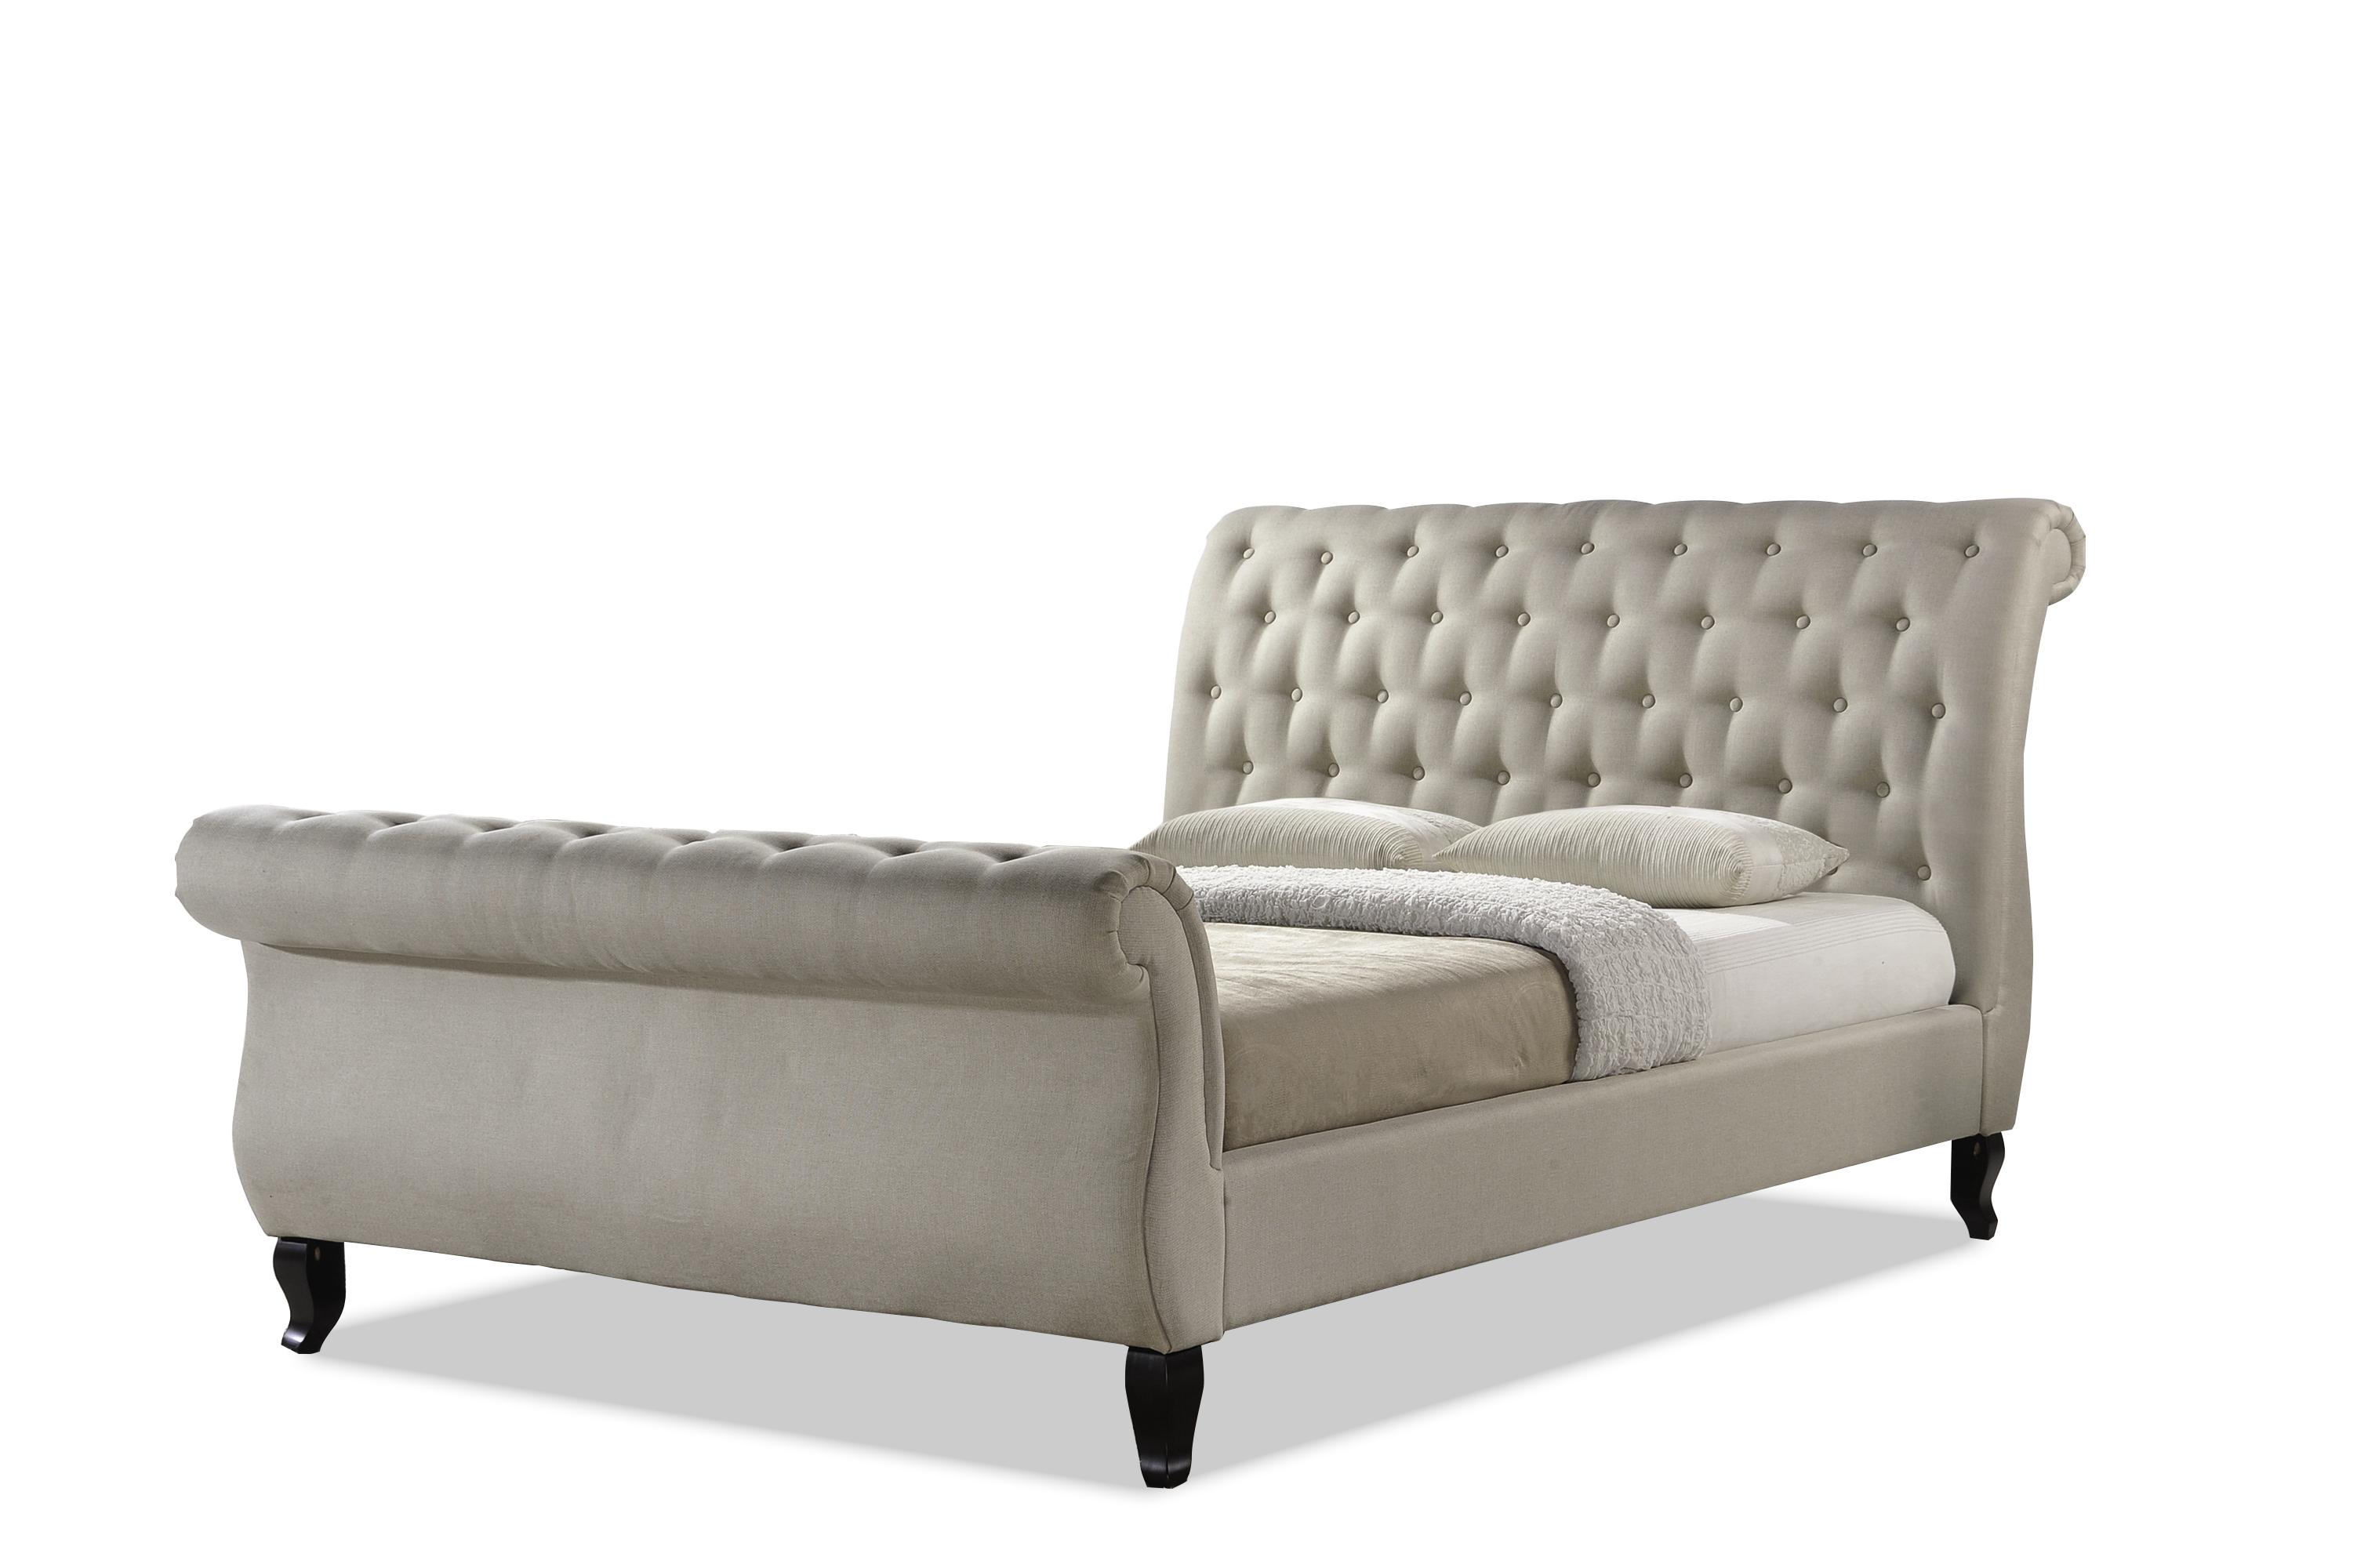 Fullsize Of Platform Bed King